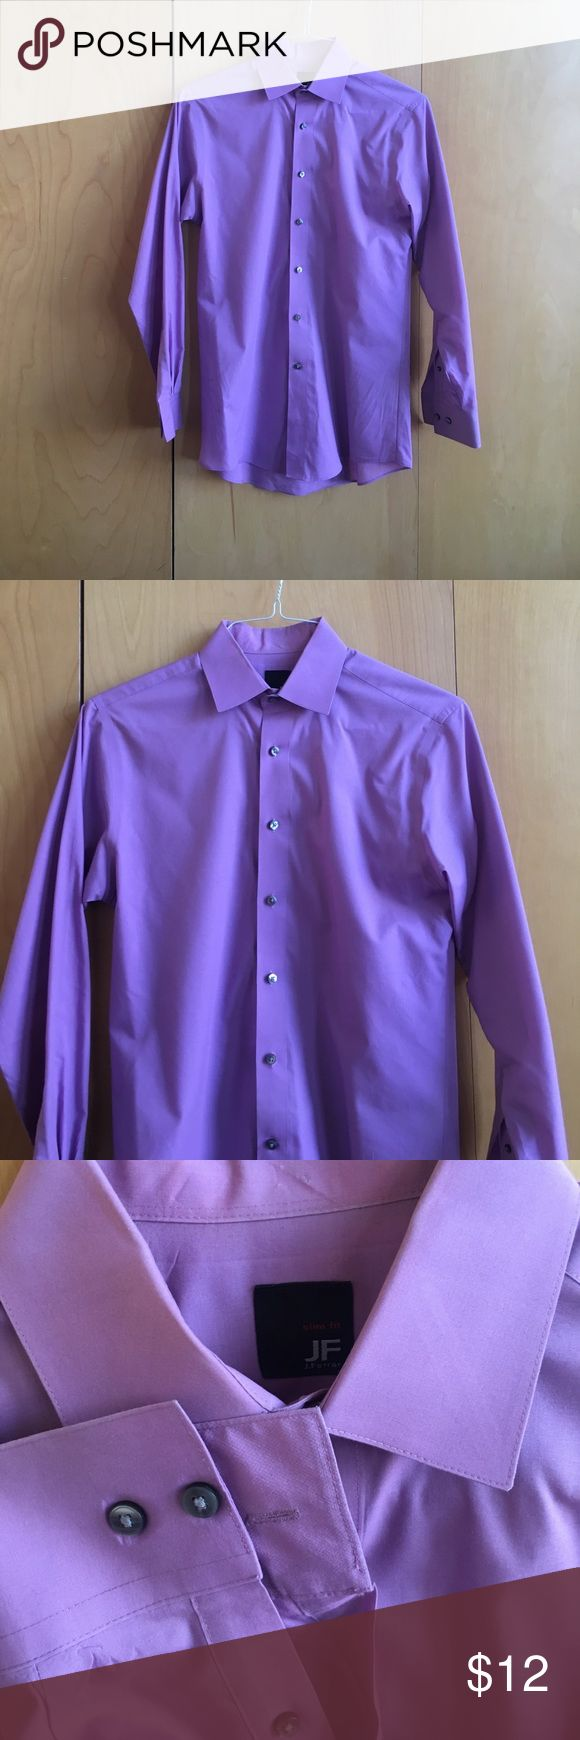 Pict j ferrar modern fit 1 - Men S Purple Dress Shirt Purple J Ferrar Slim Fit Men S Dress Shirt Size Small